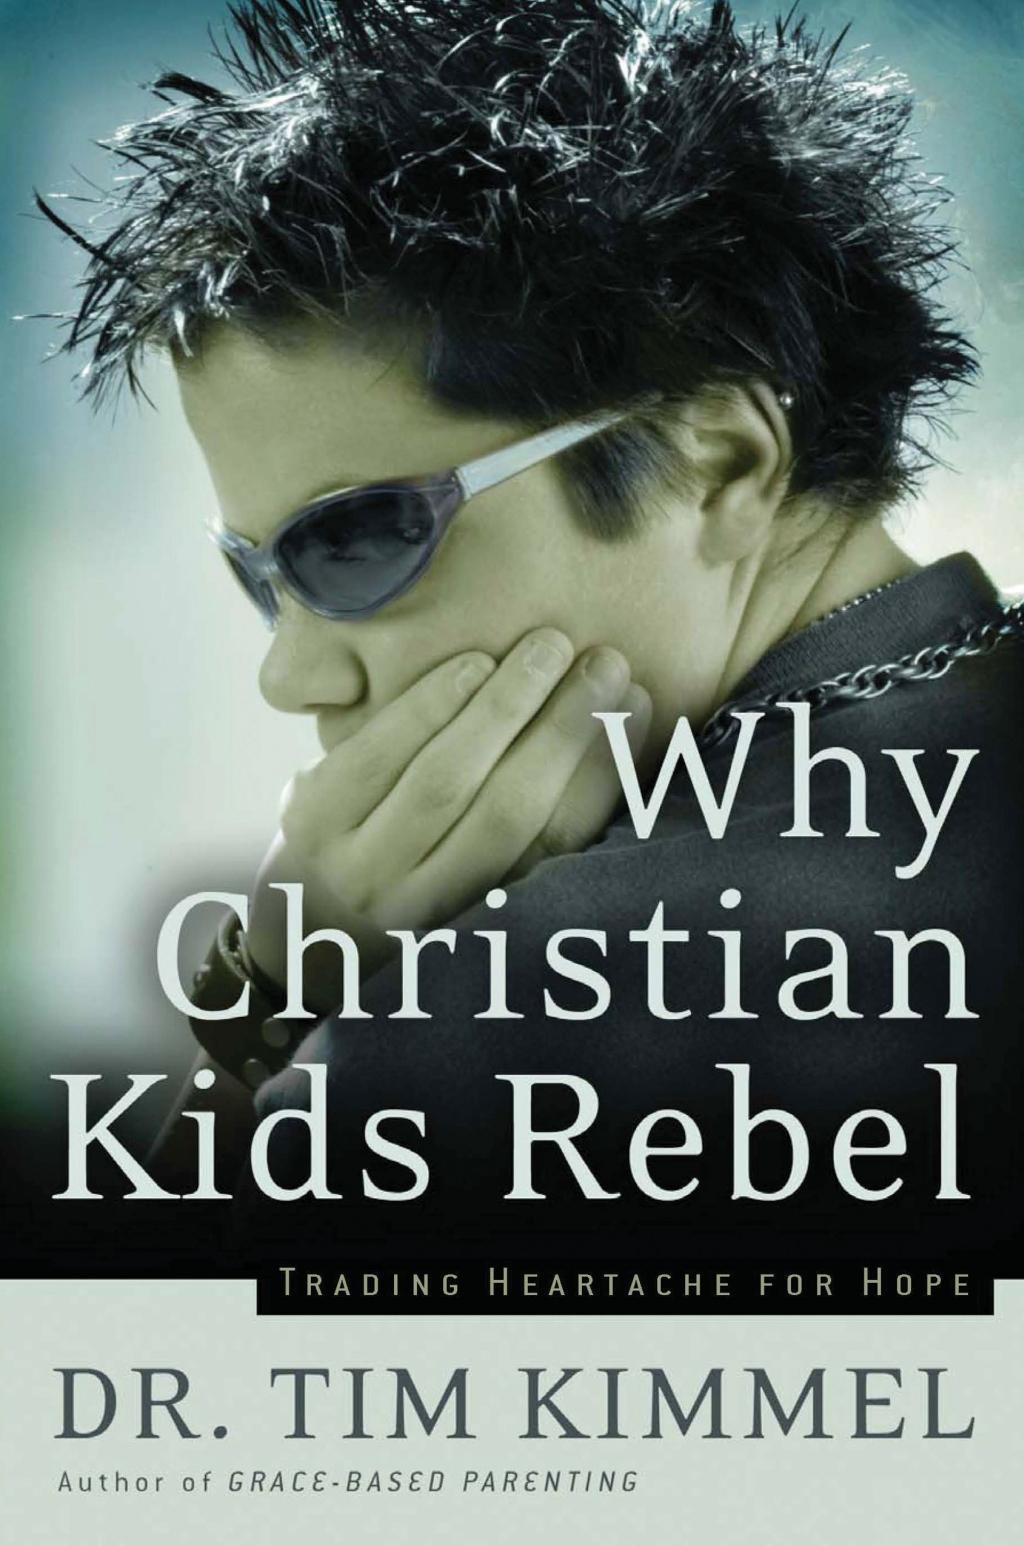 Why Christian Kids Rebel